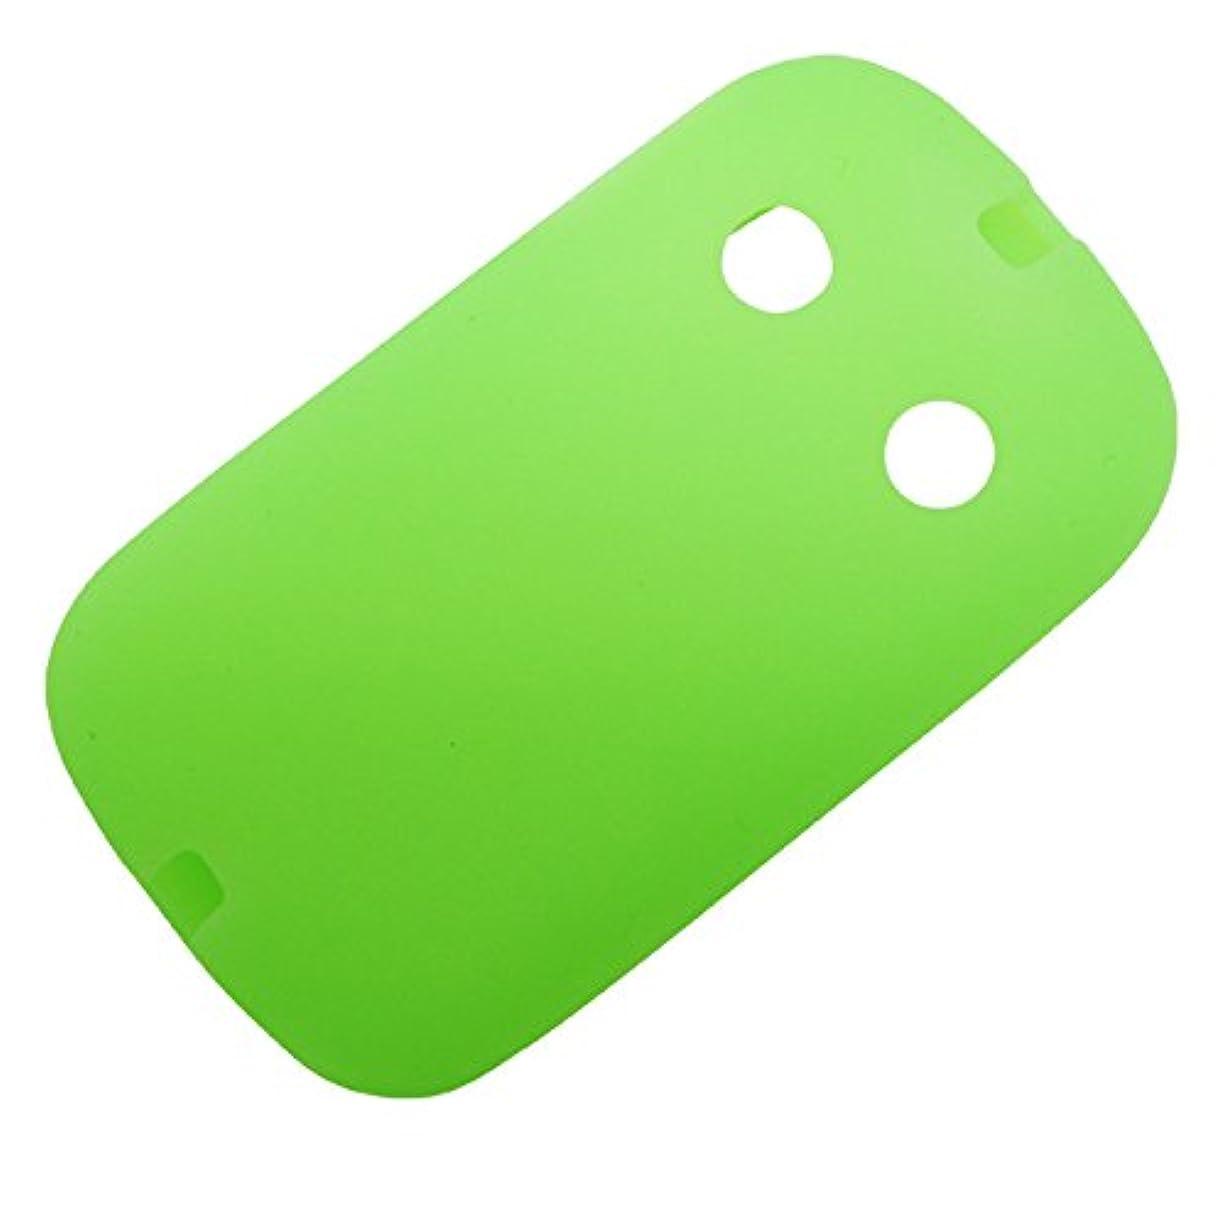 泳ぐ概要小説シリコンケース 子供用 f03j ケース 耐衝撃 グリーン キッズ携帯 カバー docomo キッズケータイ F-03J 子ども 携帯ケース 蓄光 LUCIFERA ルシファラ